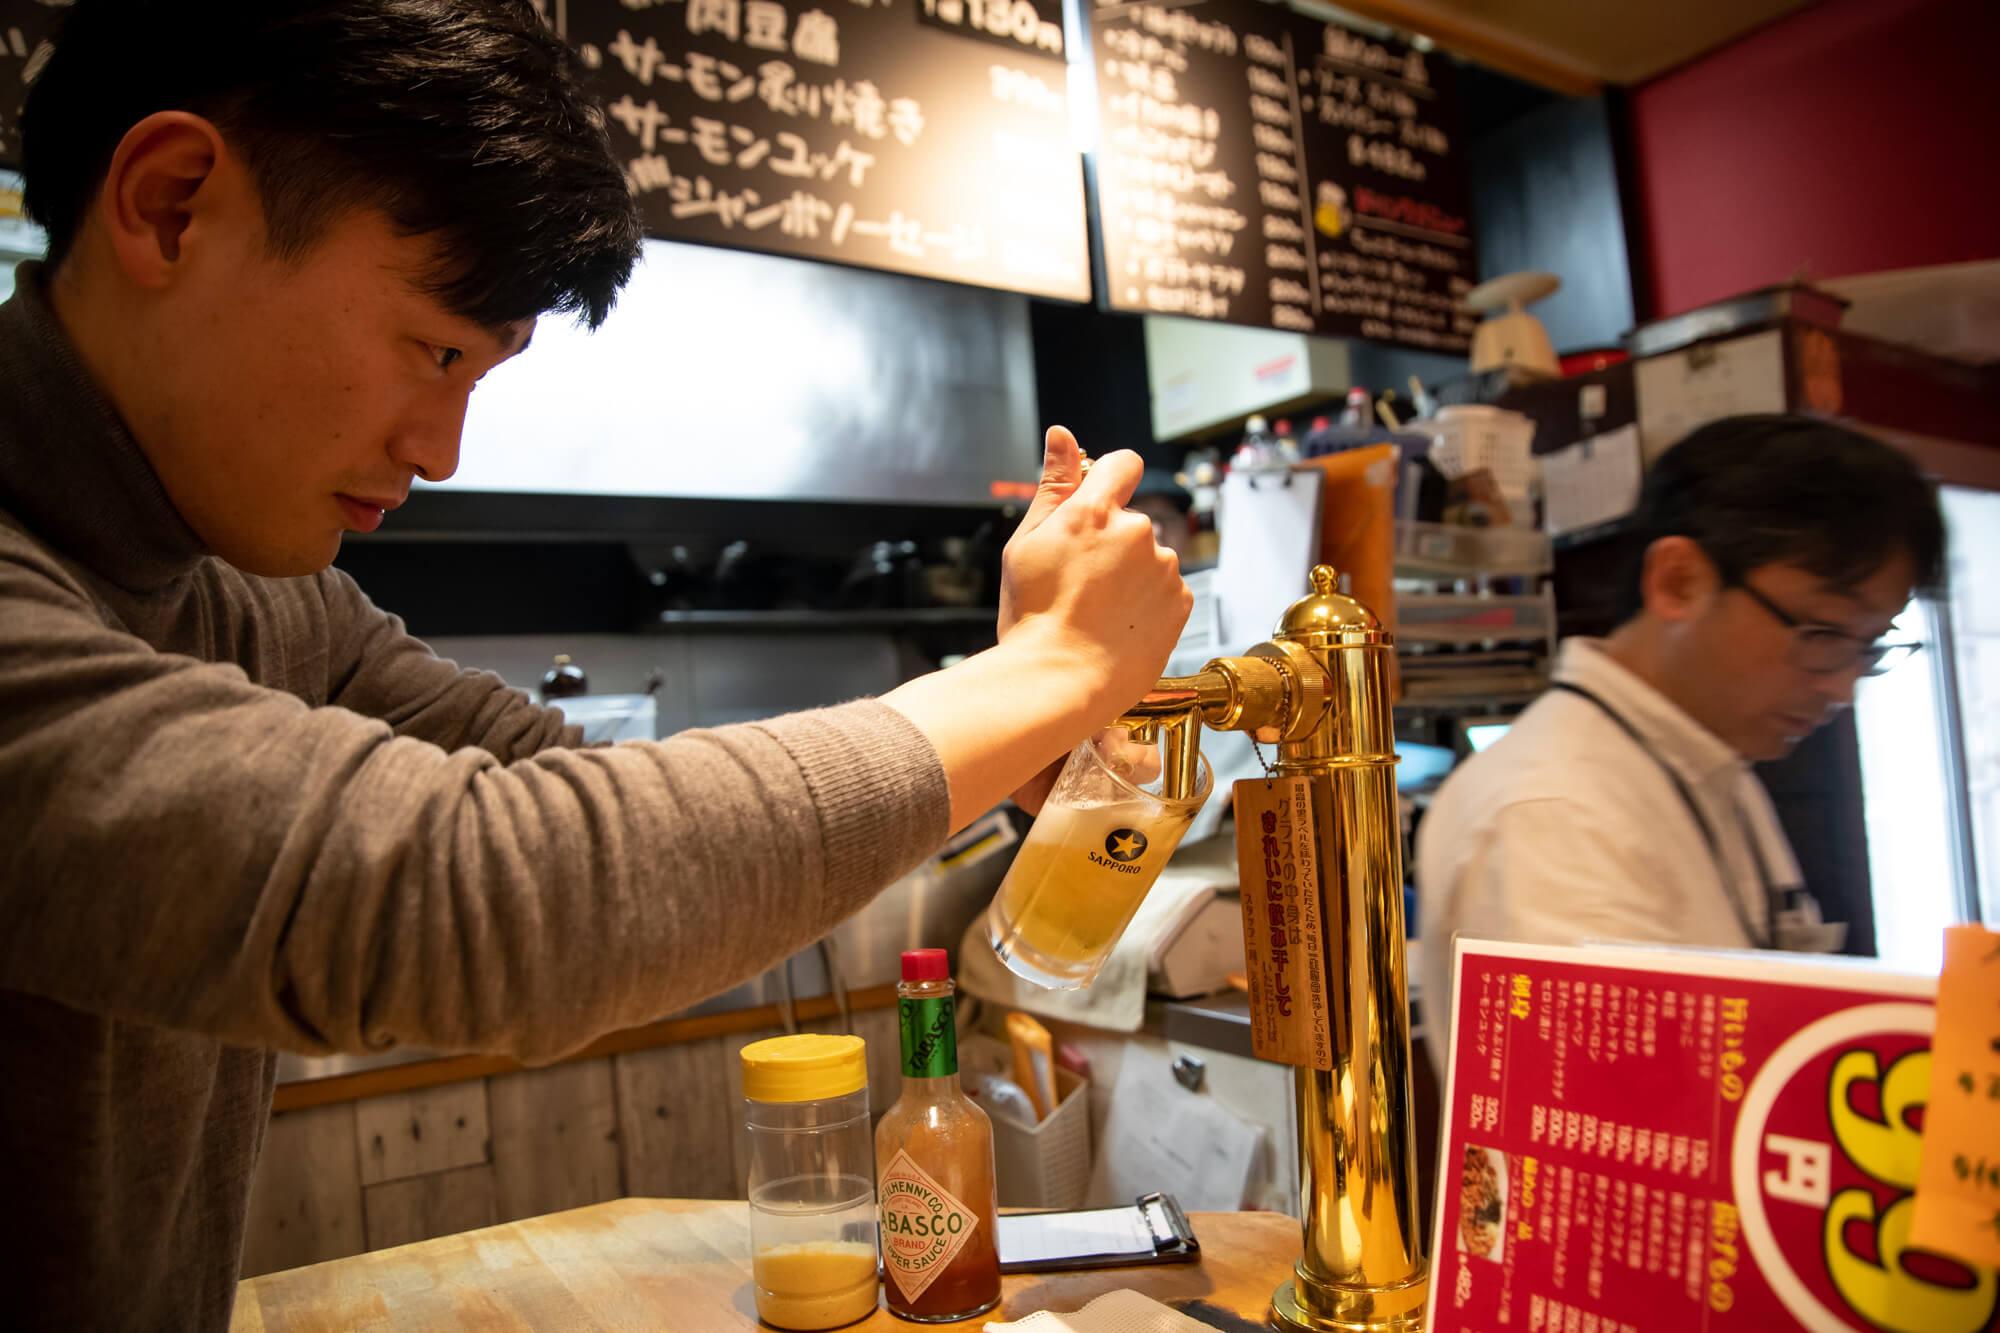 ビール飲み放題30分600円!「ローマ軒 大阪駅前第3ビル店」はビールサーバーからセルフでビールが注げて天国だった